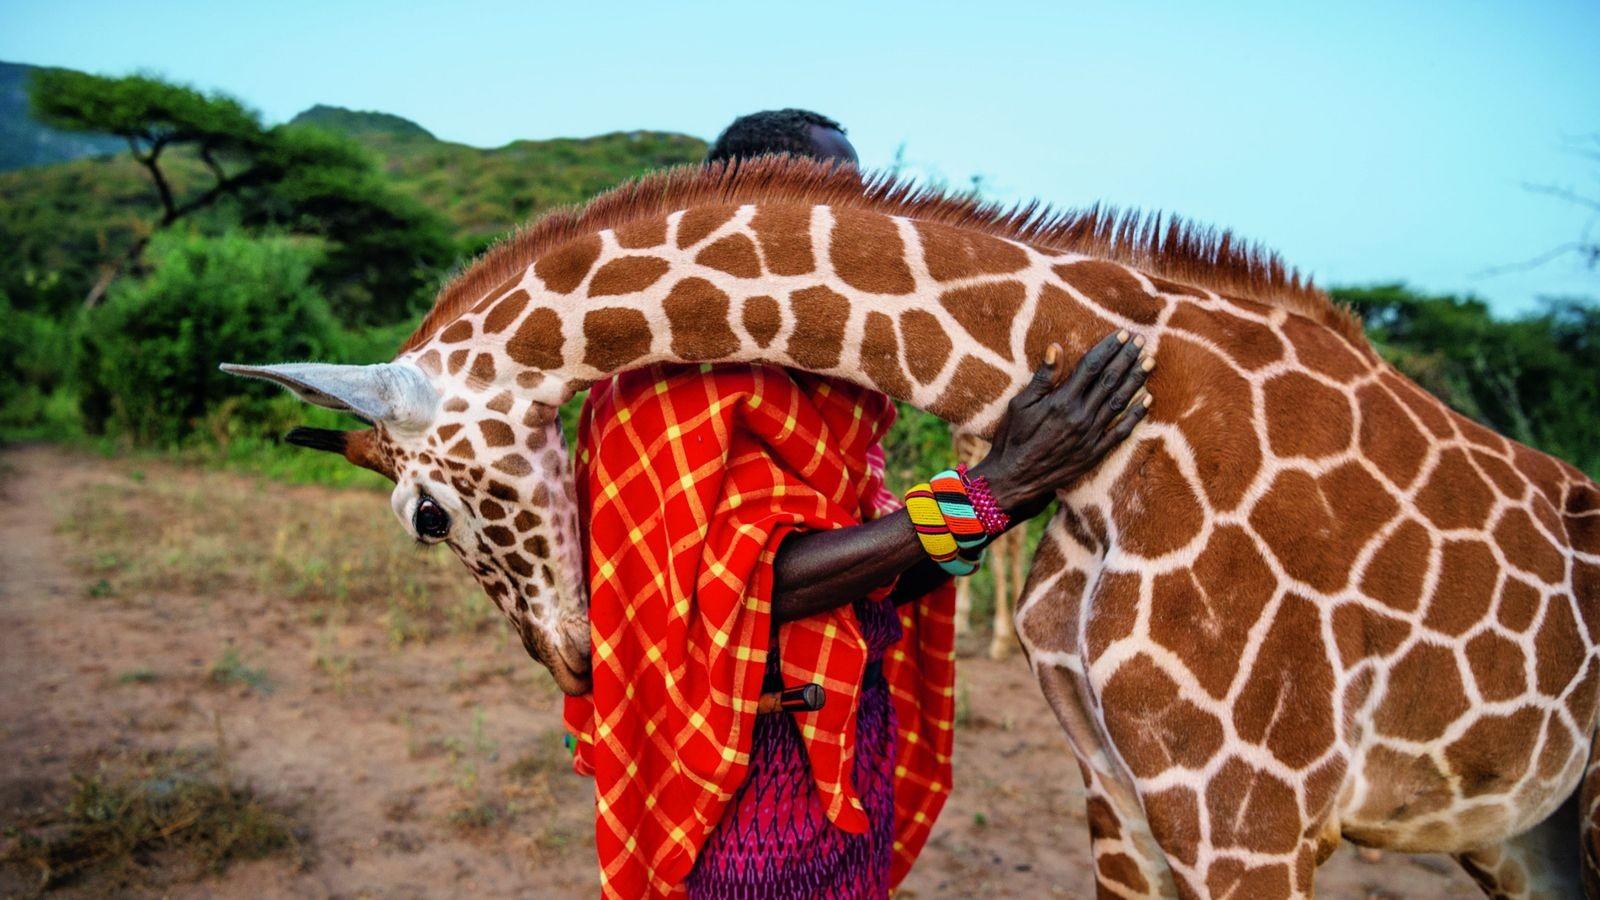 L'amour entre l'homme et l'animal - Tanzanie